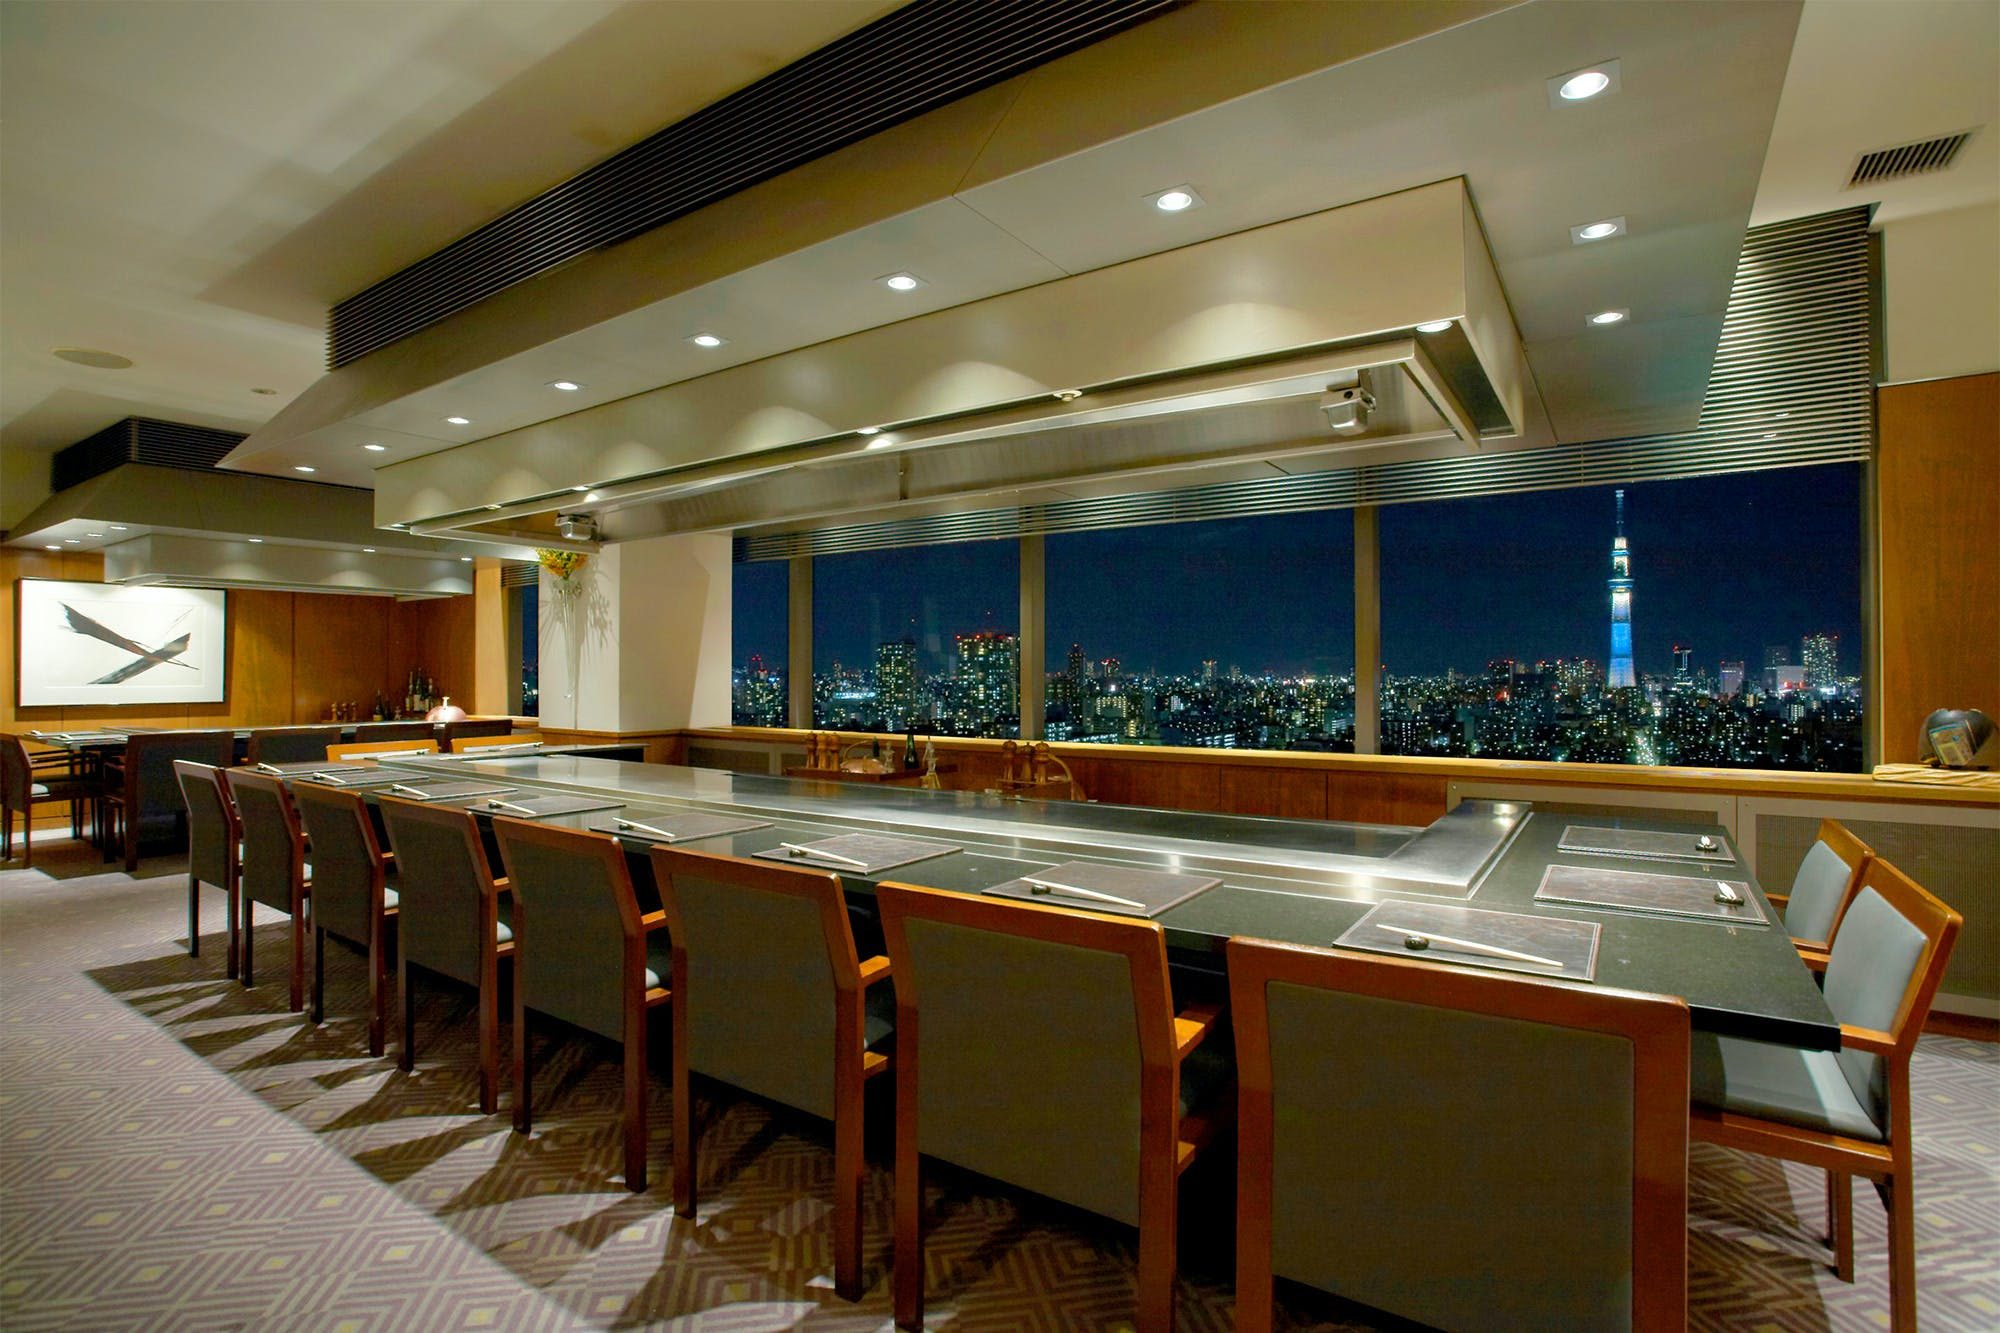 鉄板焼 木場/ホテル イースト21東京 ~オークラホテルズ&リゾーツ~